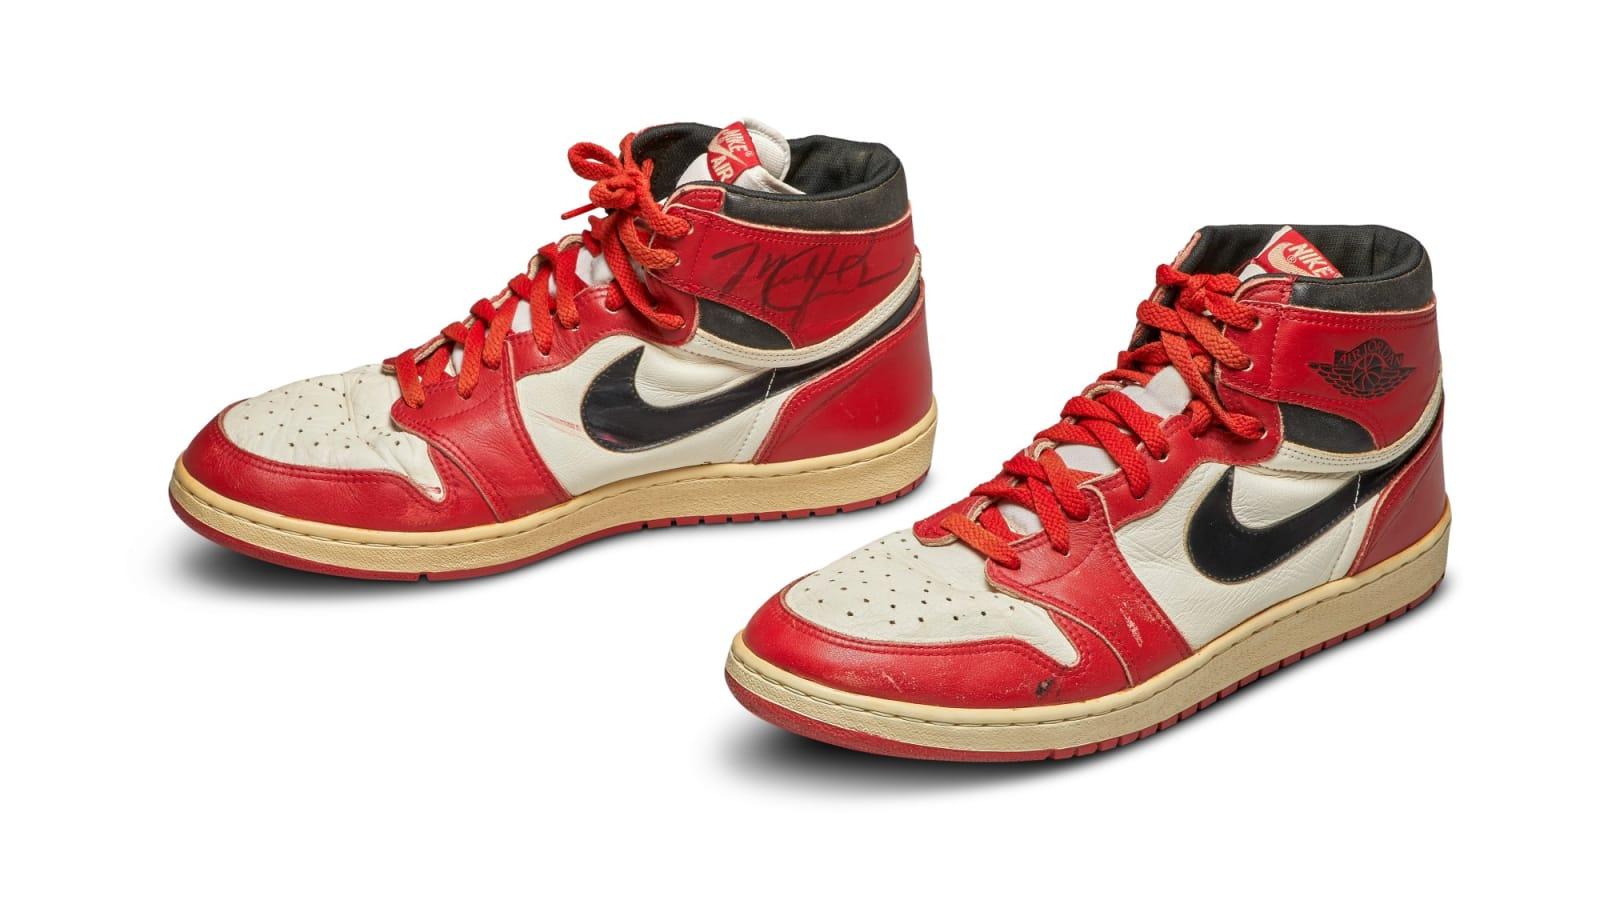 MJ's Game-Worn Air Jordan 1's From 1985 Receive Massive Bids